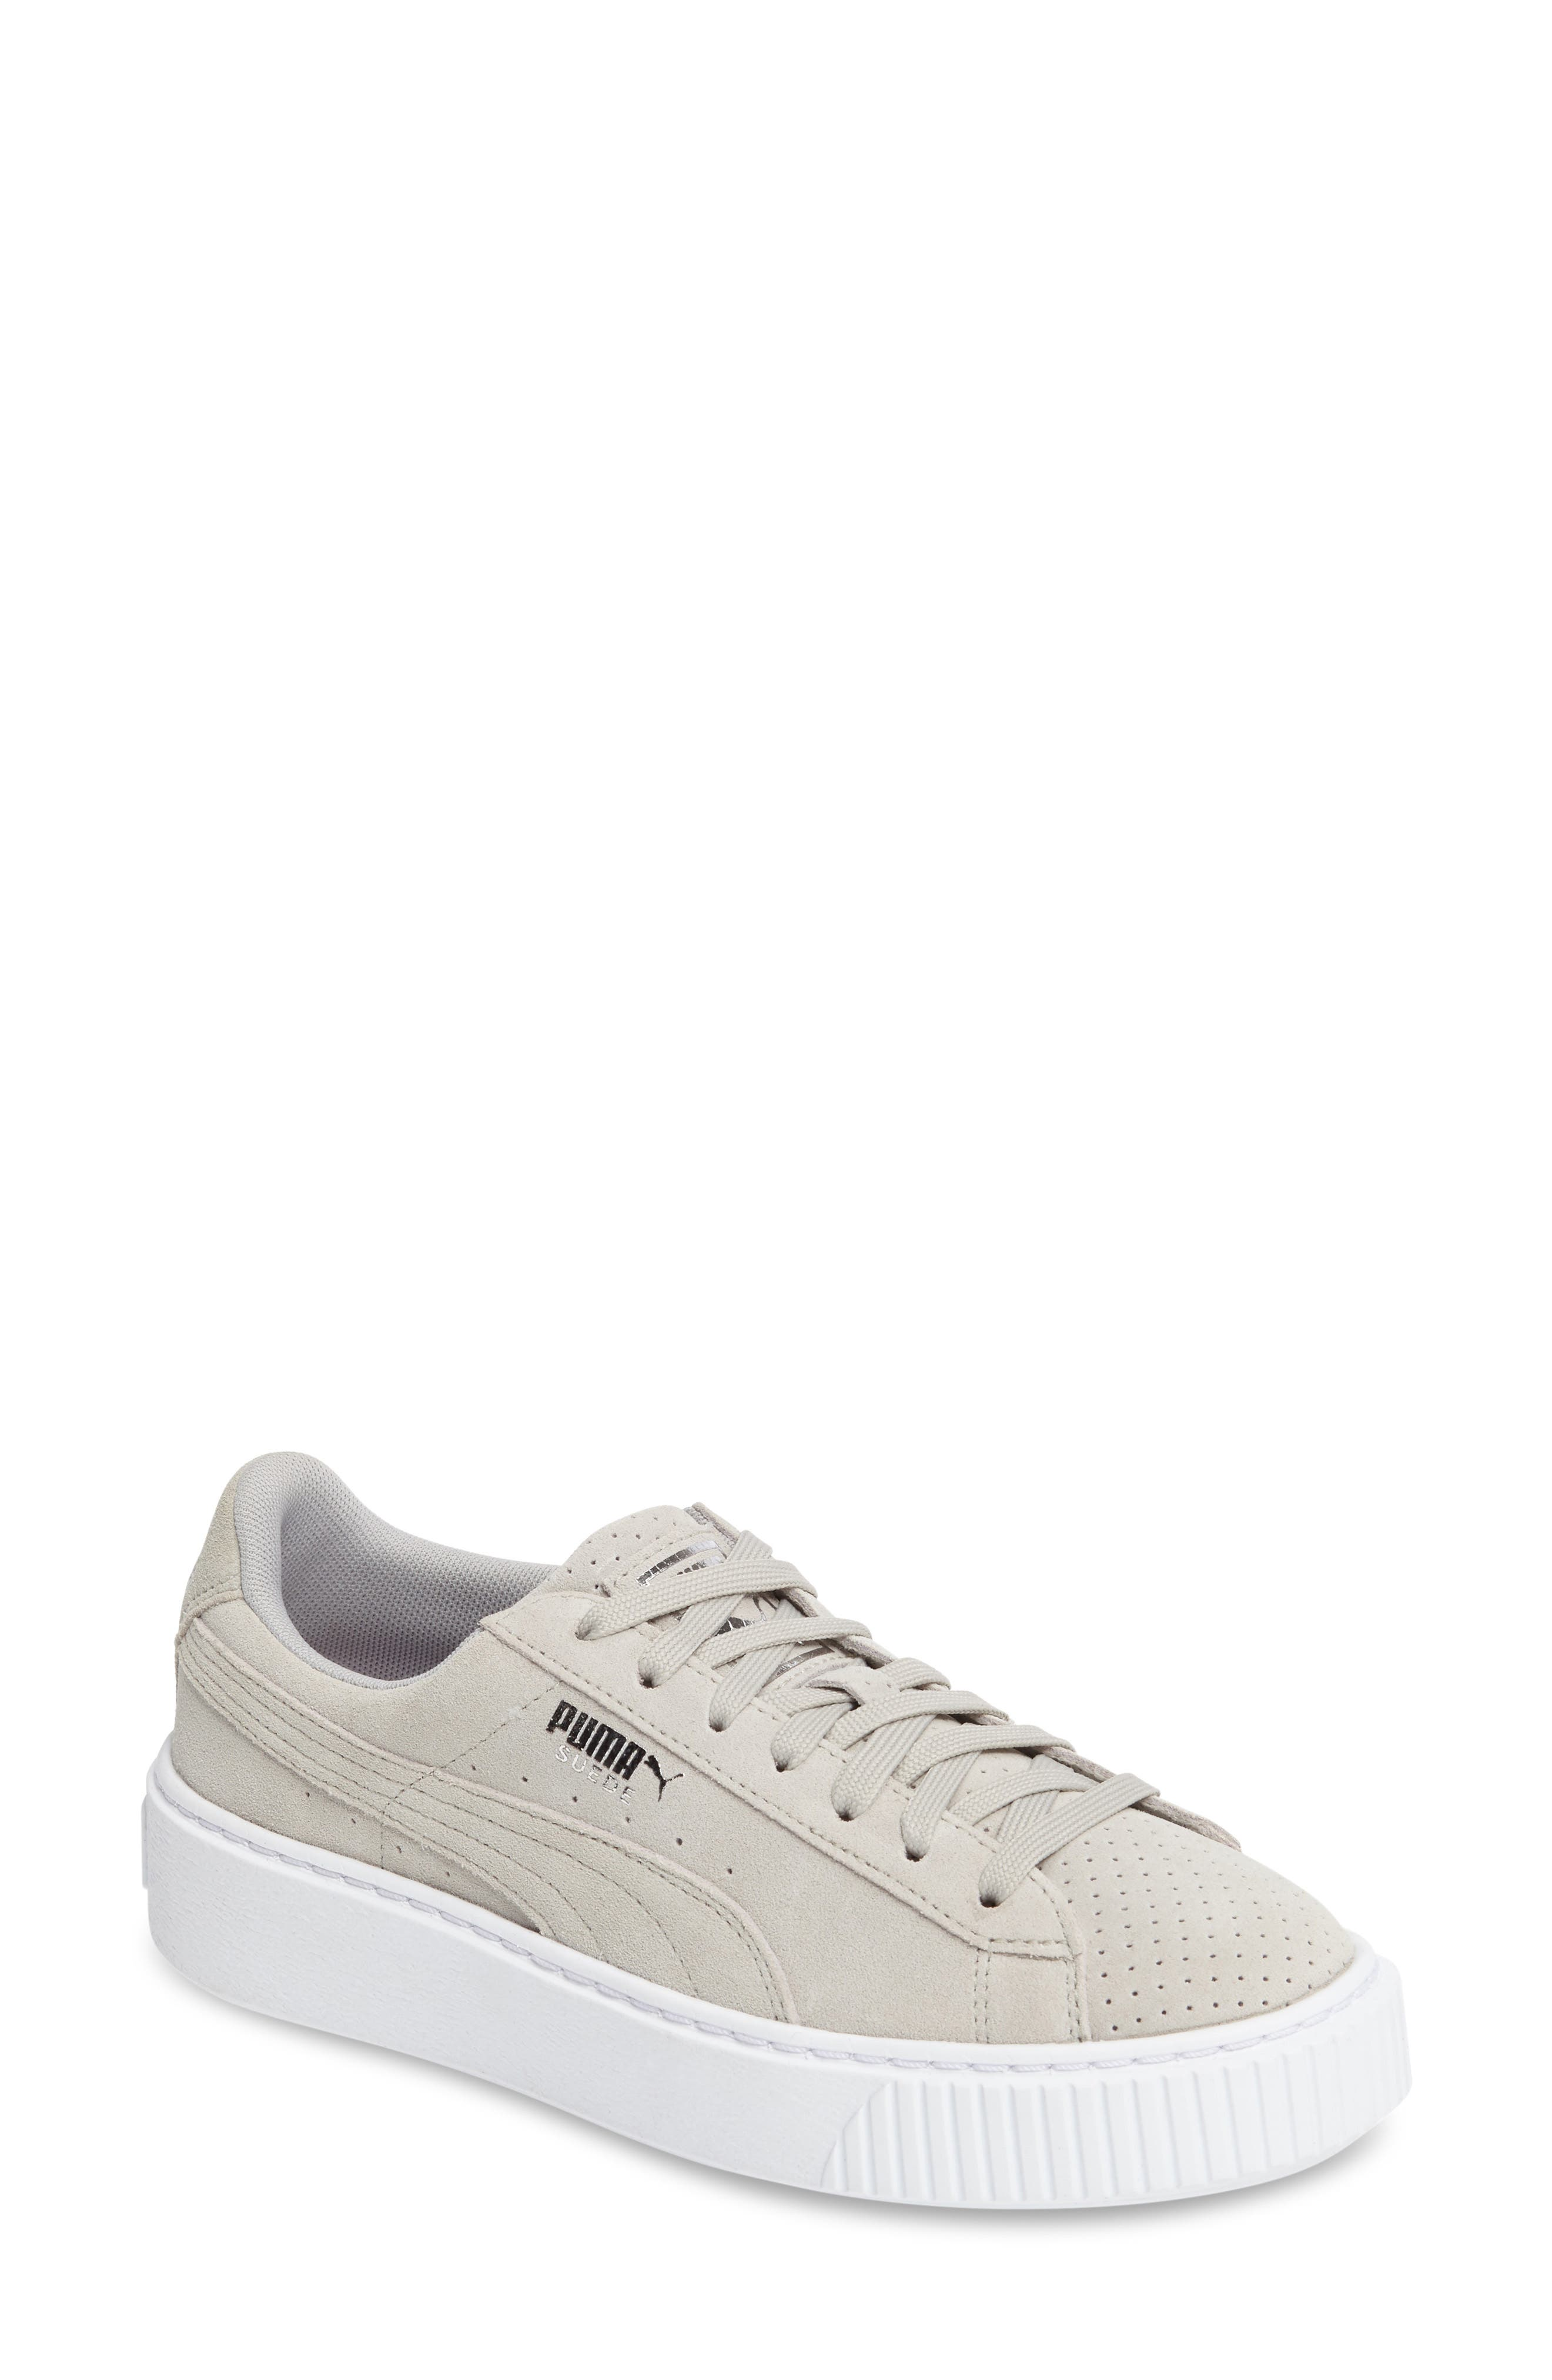 Basket Platform Sneaker,                             Main thumbnail 1, color,                             Grey Violet/ Silver